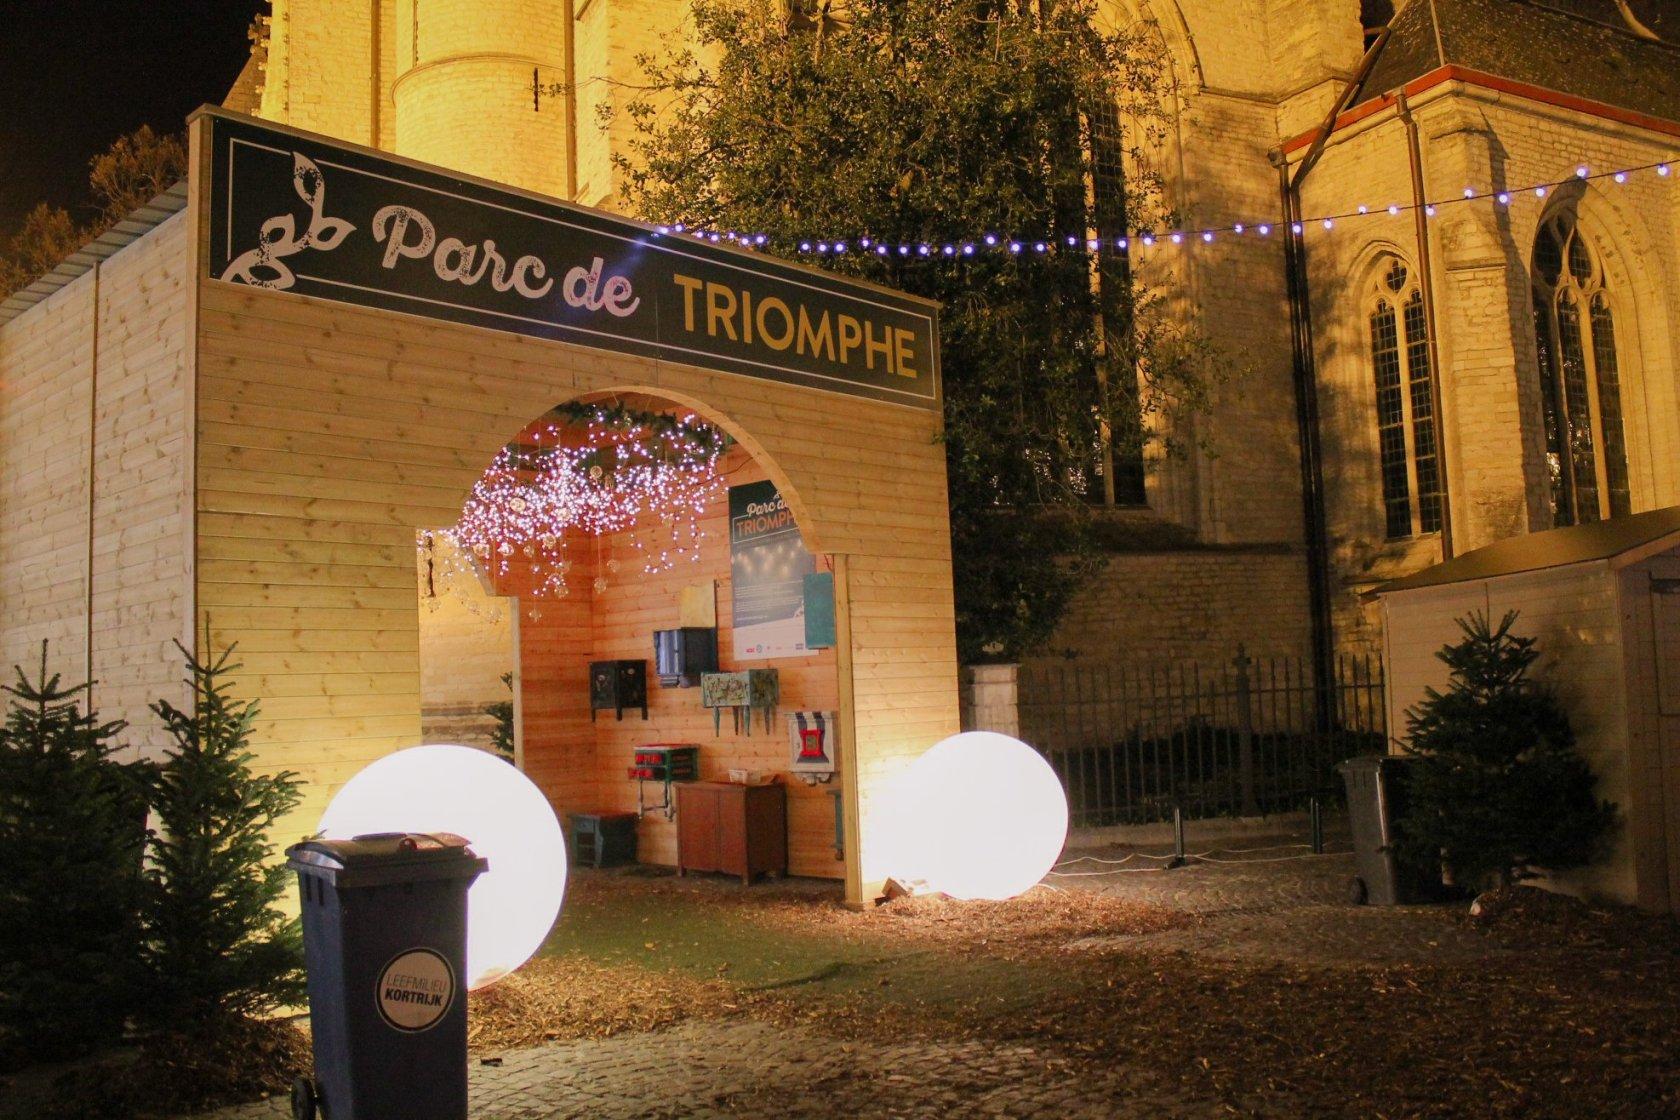 Parc de Triomphe - 'Het enige wat verdubbelt als je deelt, is geluk.'